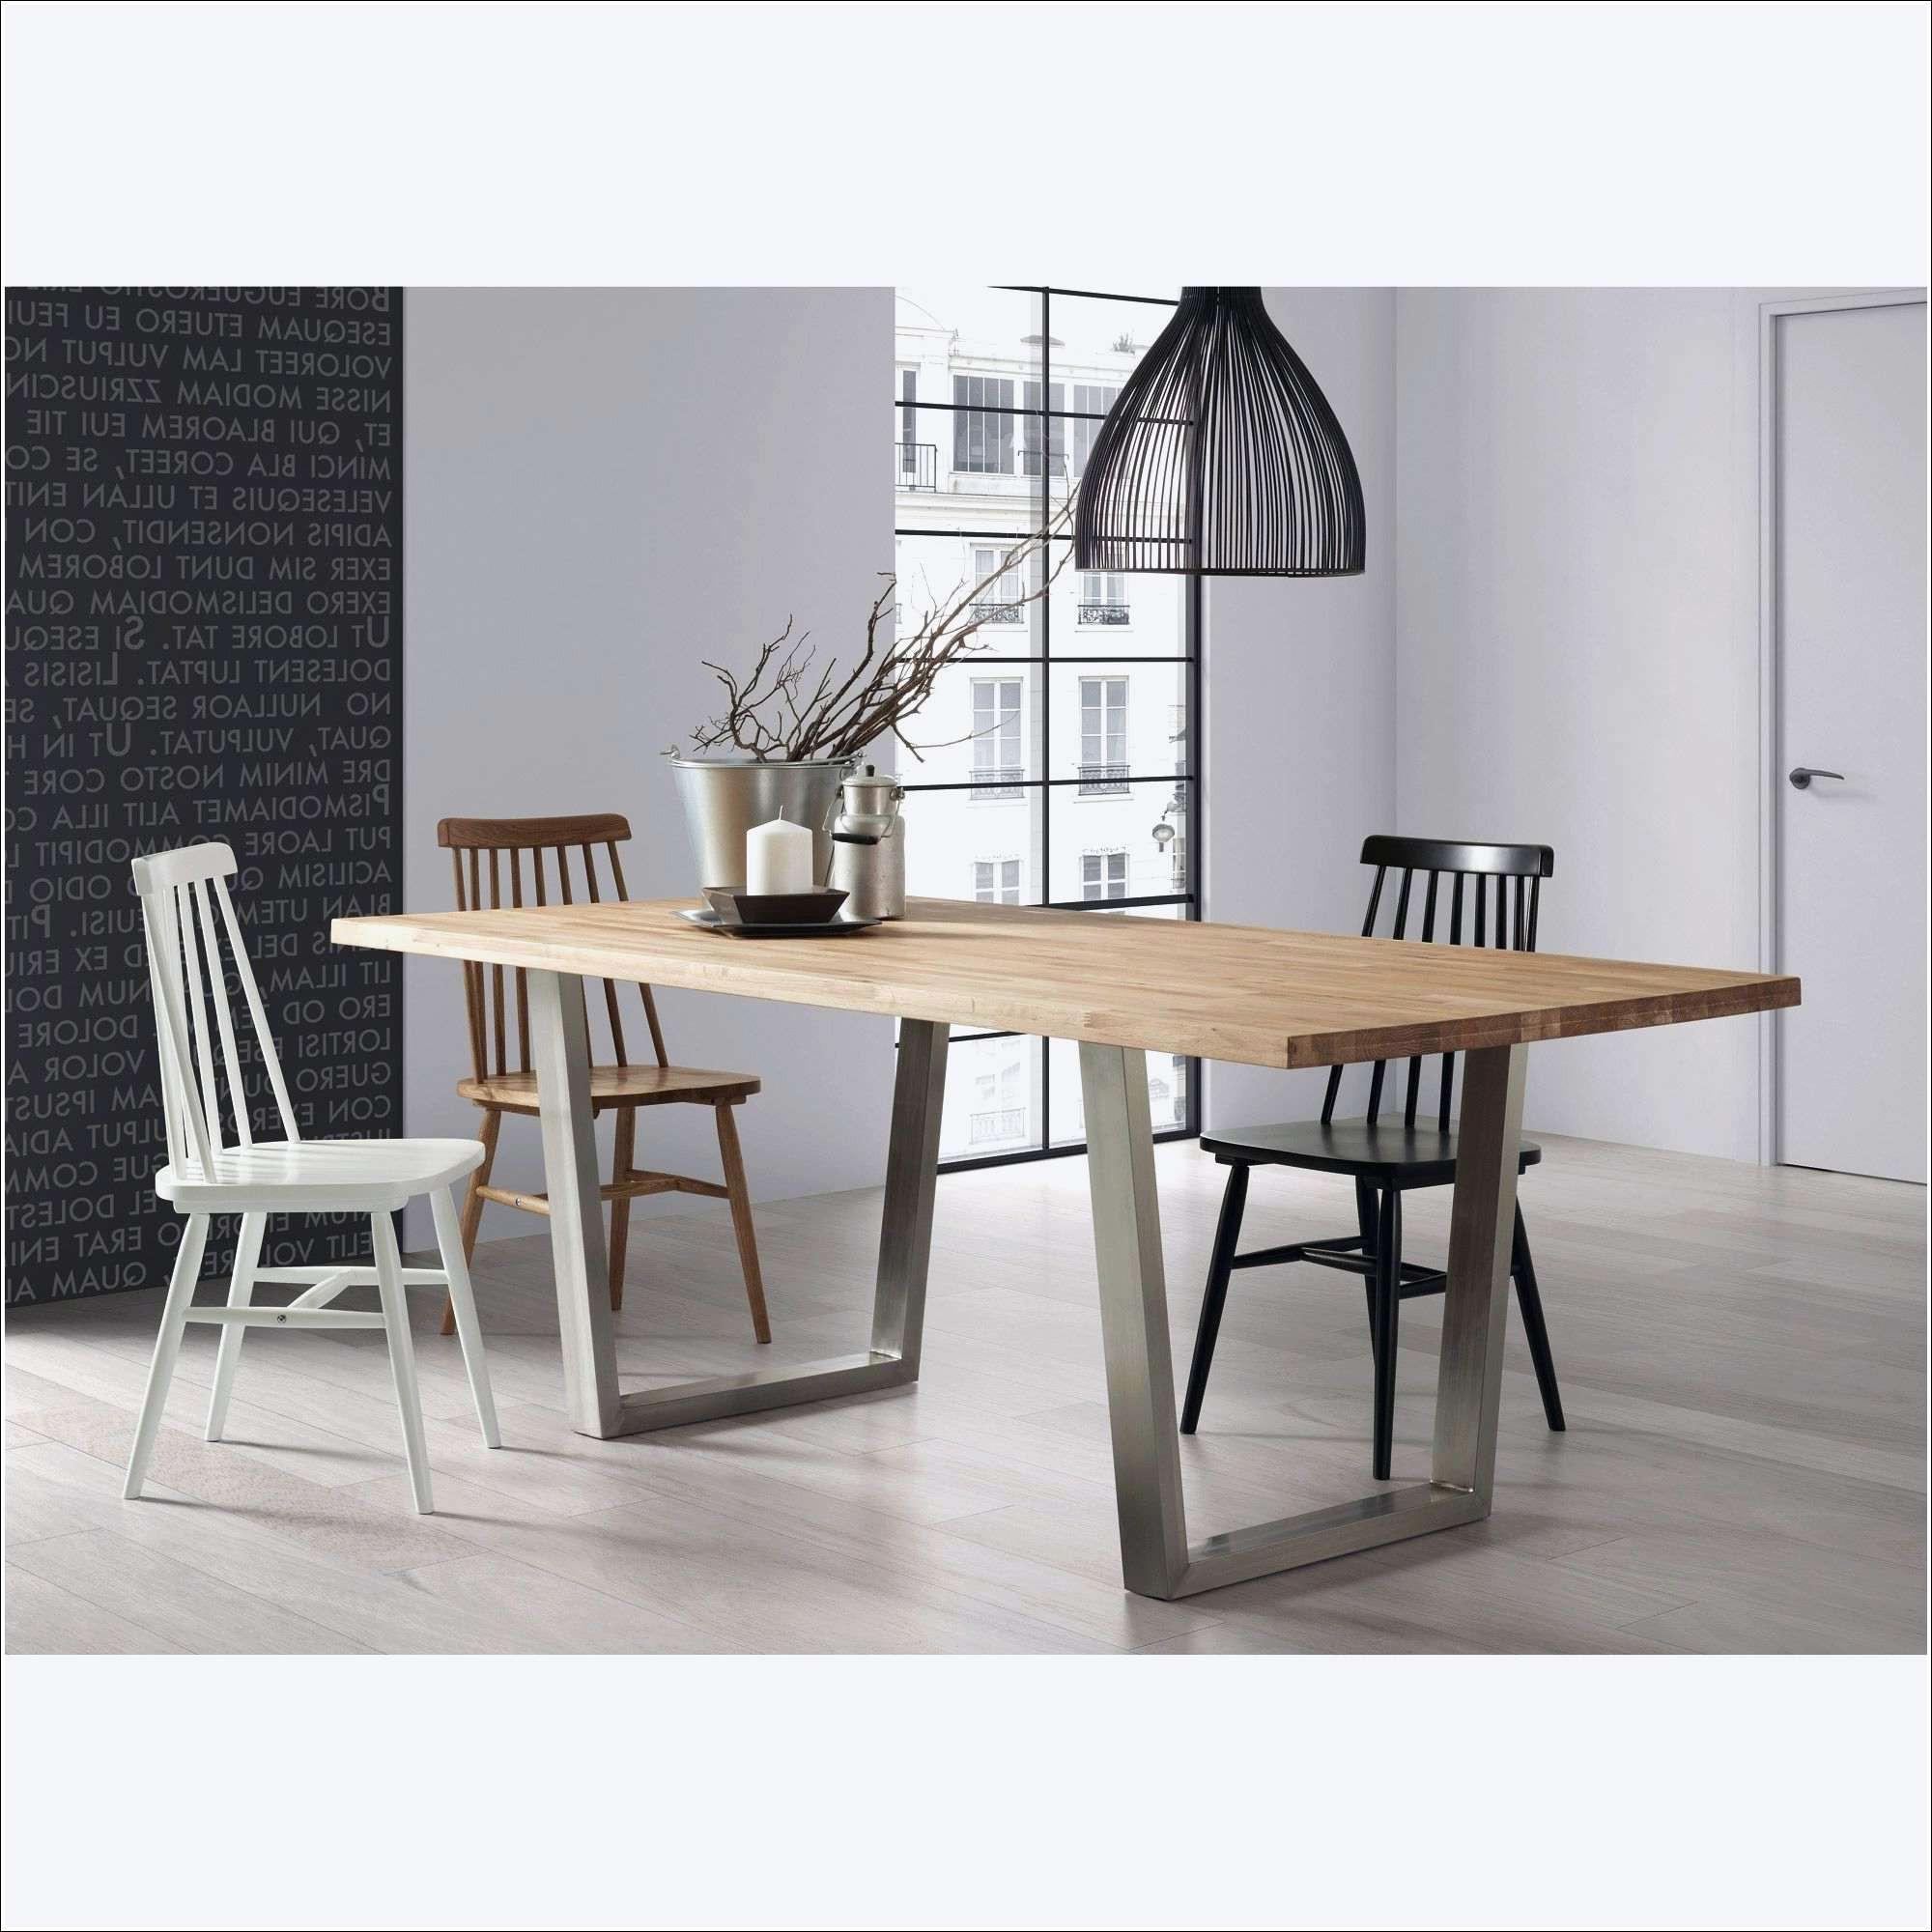 Table De Ferme Ancienne Le Bon Coin Inspirant Table De Ferme Ancienne Le Bon Coin Bon Coin Table